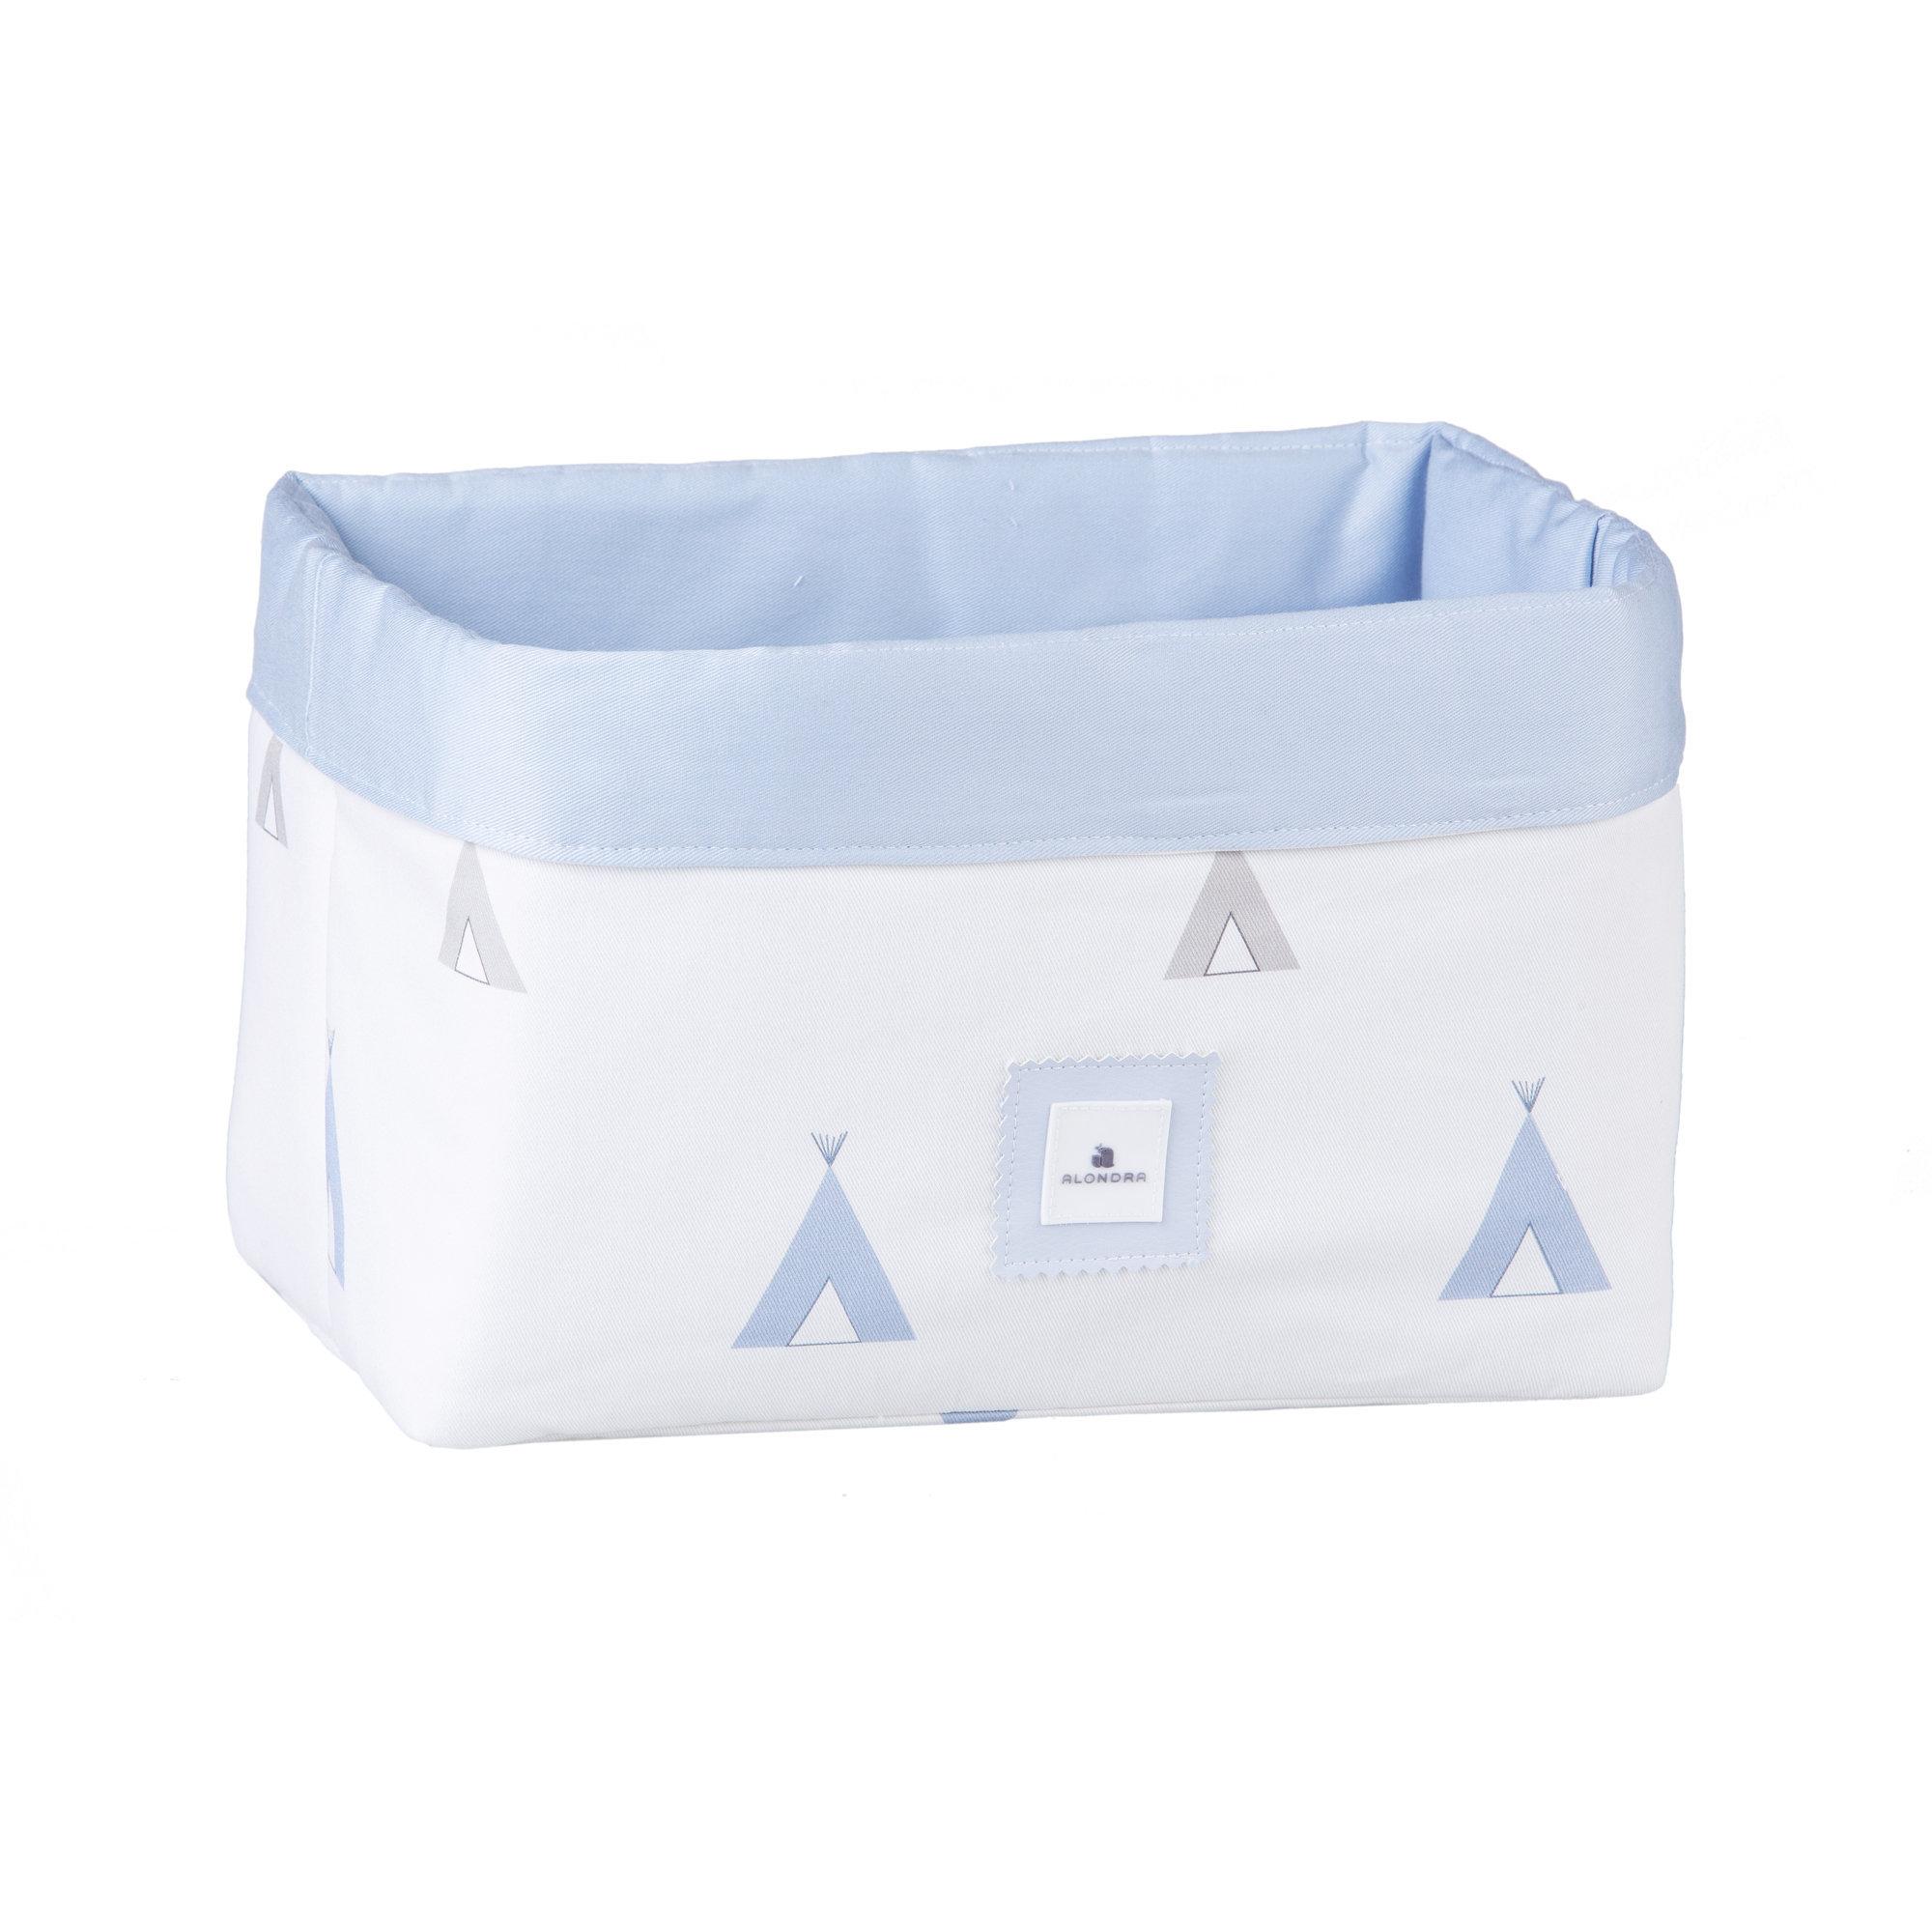 Cesta almacenaje de colonias para bebé azul celeste y blanco